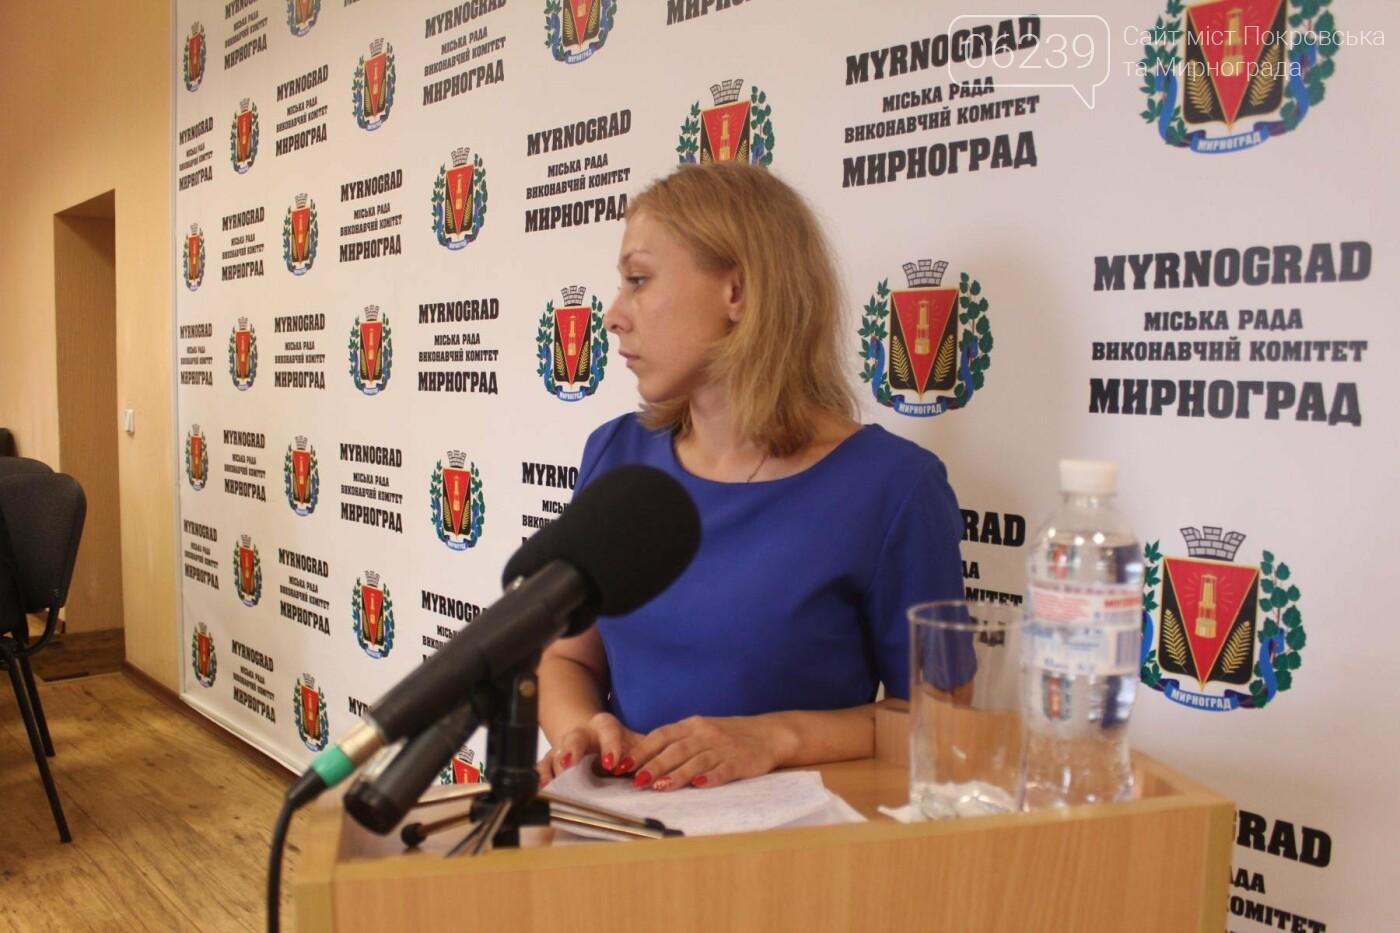 Изменения в бюджете и письмо министру: в Мирнограде состоялась 49-я сессия городского совета, фото-8